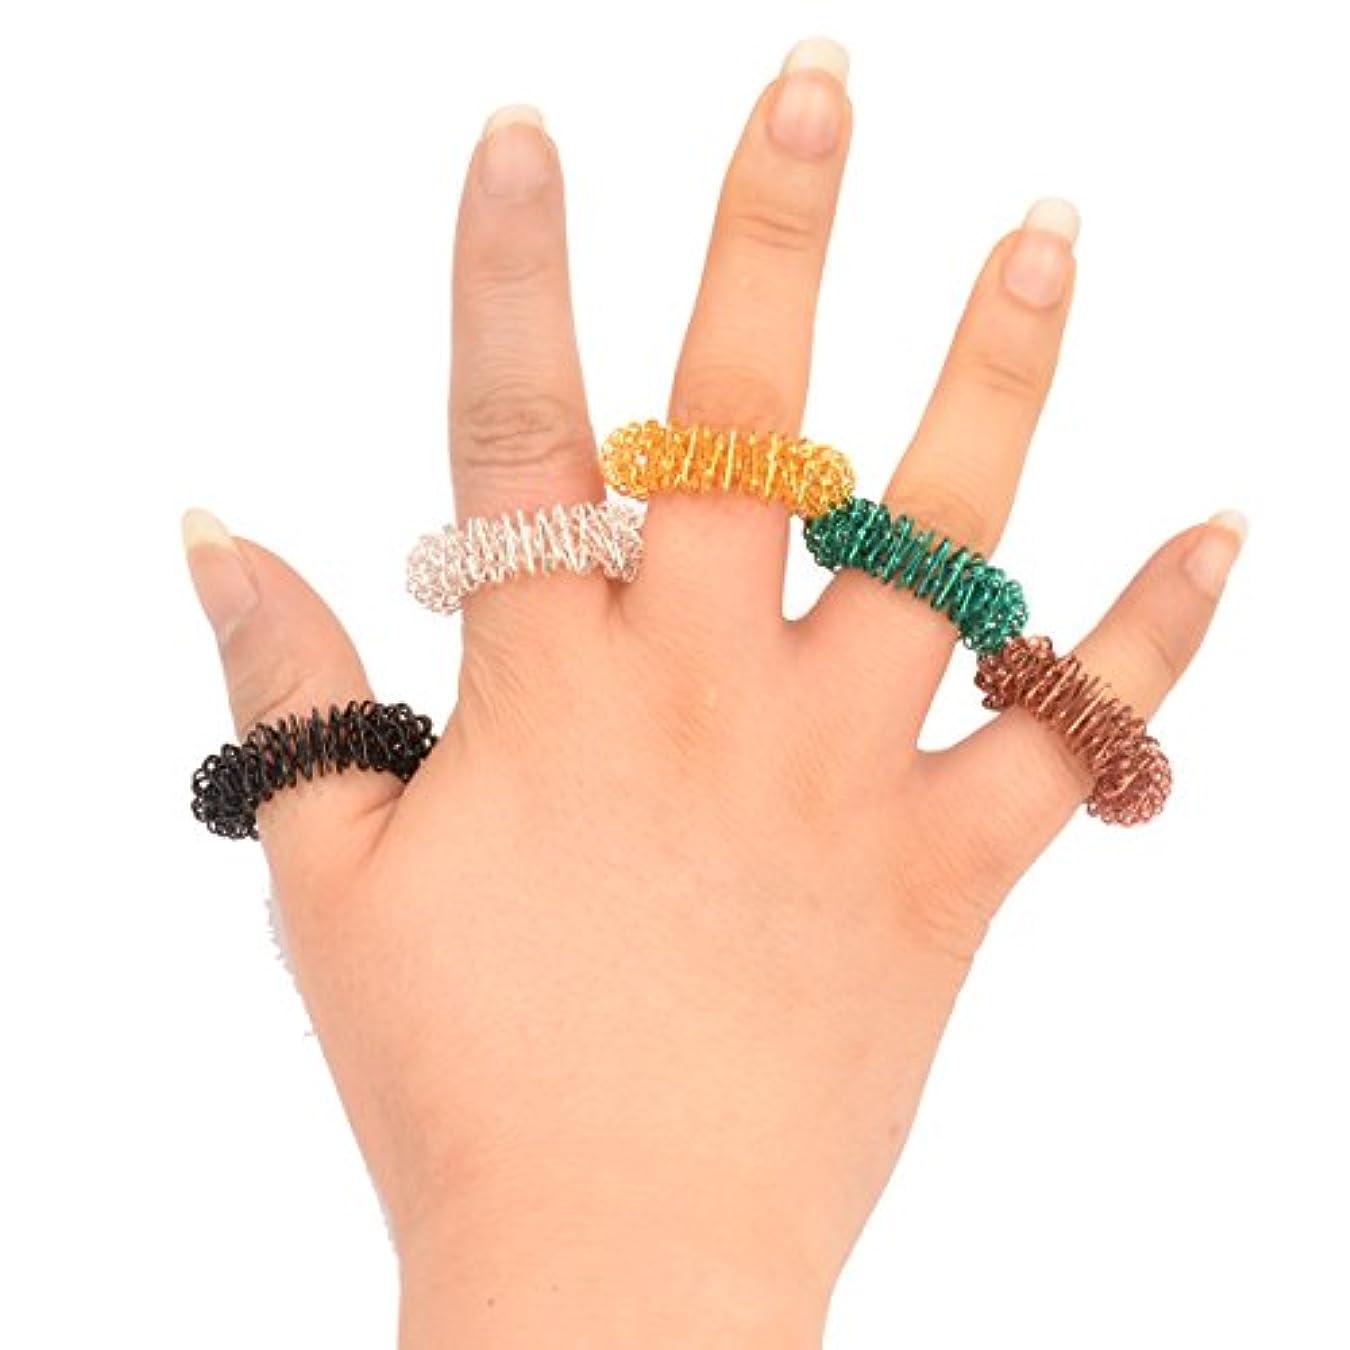 生むちらつきパワー(Ckeyin) マッサージリング 5個入り 爪もみリング 色はランダムによって配送されます (5個)